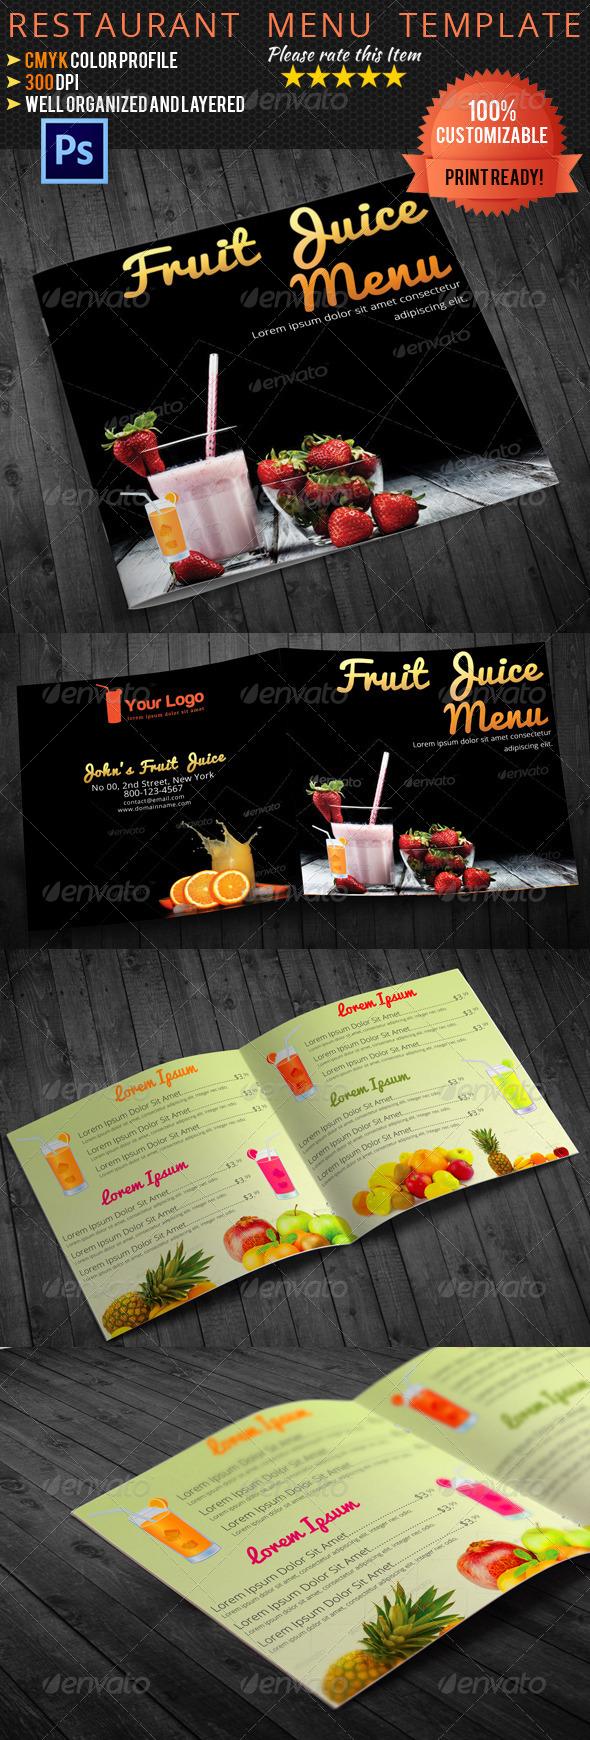 GraphicRiver Bi-fold Square Fruit Juice Menu Template 5109900